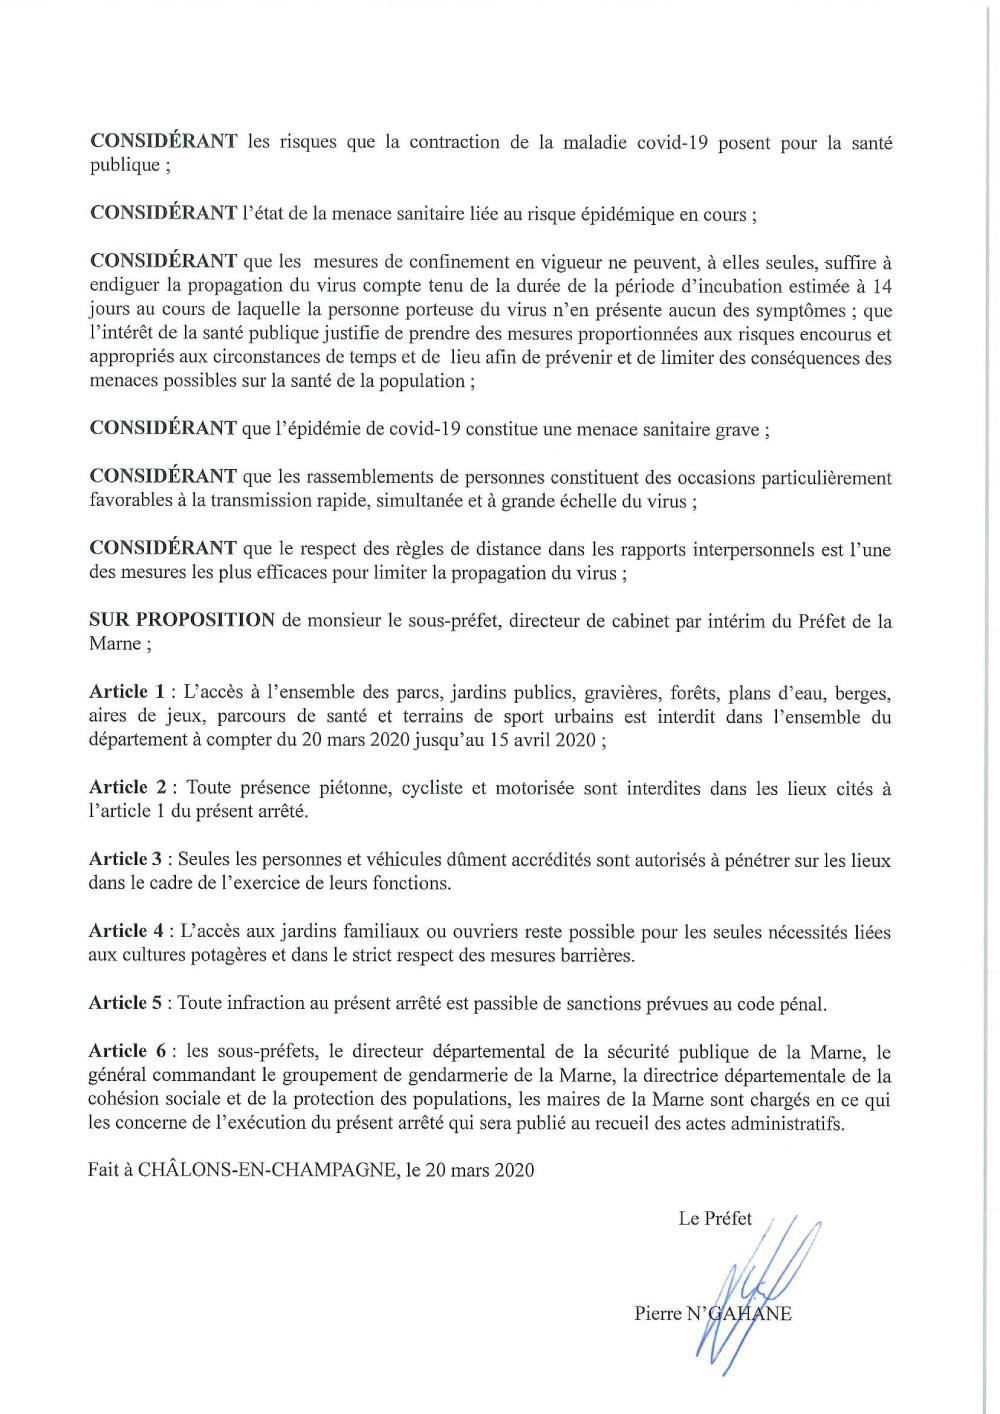 arreteprefectoraldu21mars2020-2